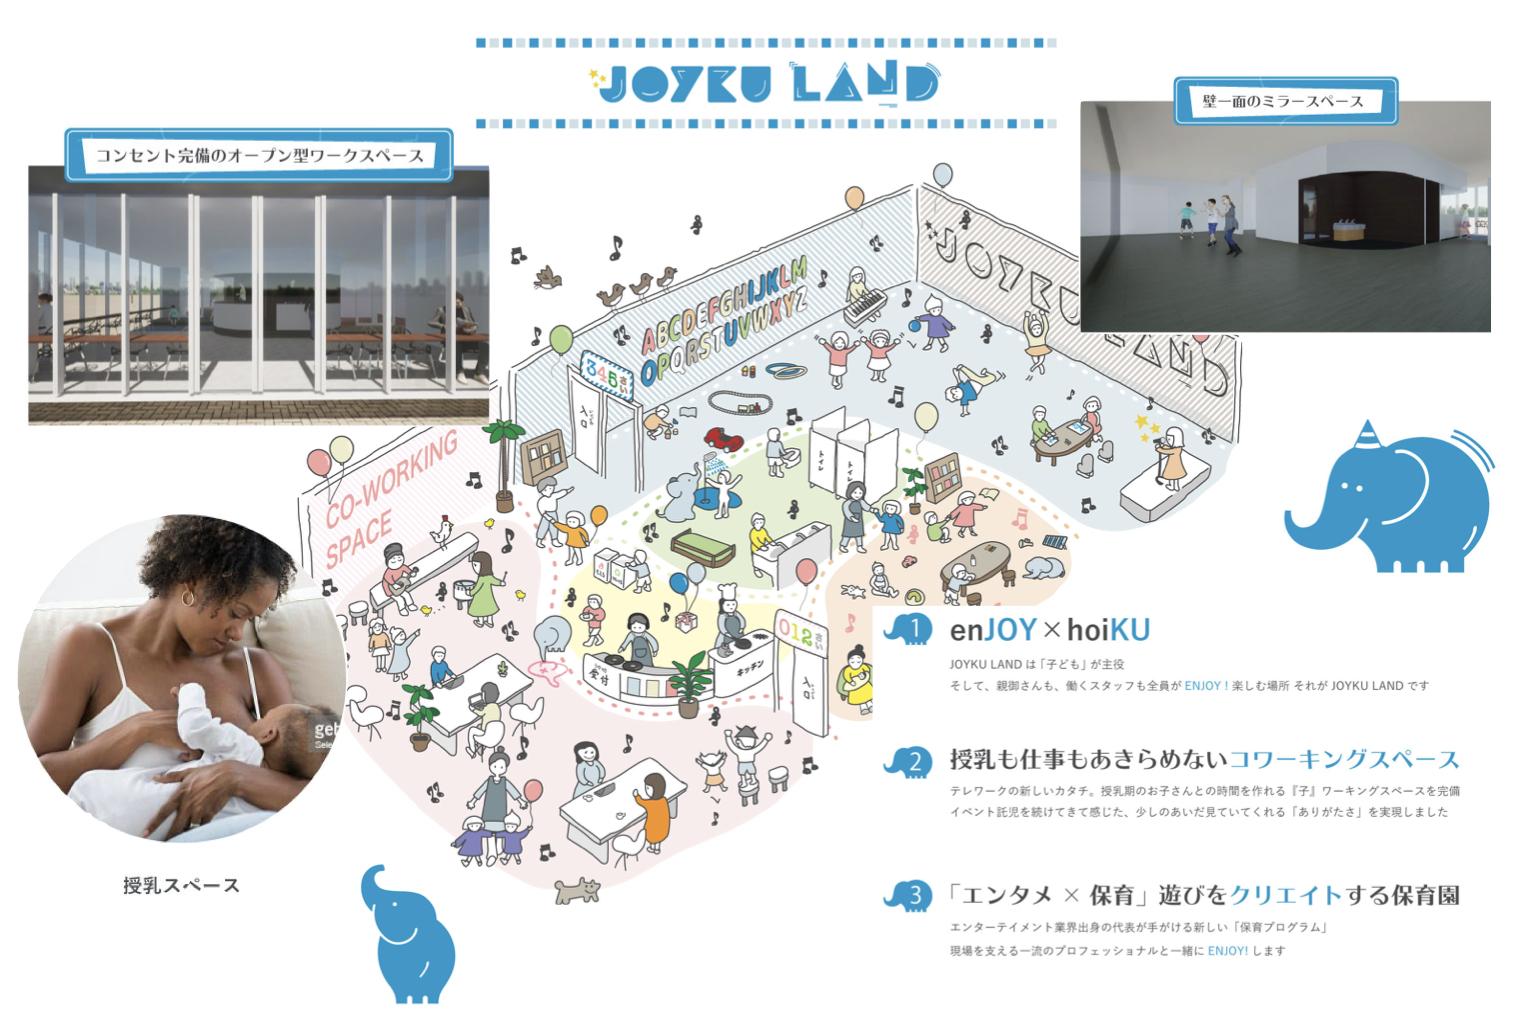 2021年8月開園予定!遊びをクリエイトする保育園「JOYKU LAND(ジョイク ランド)」<br> 新規開園に伴い、オープニングキャストを募集します!!